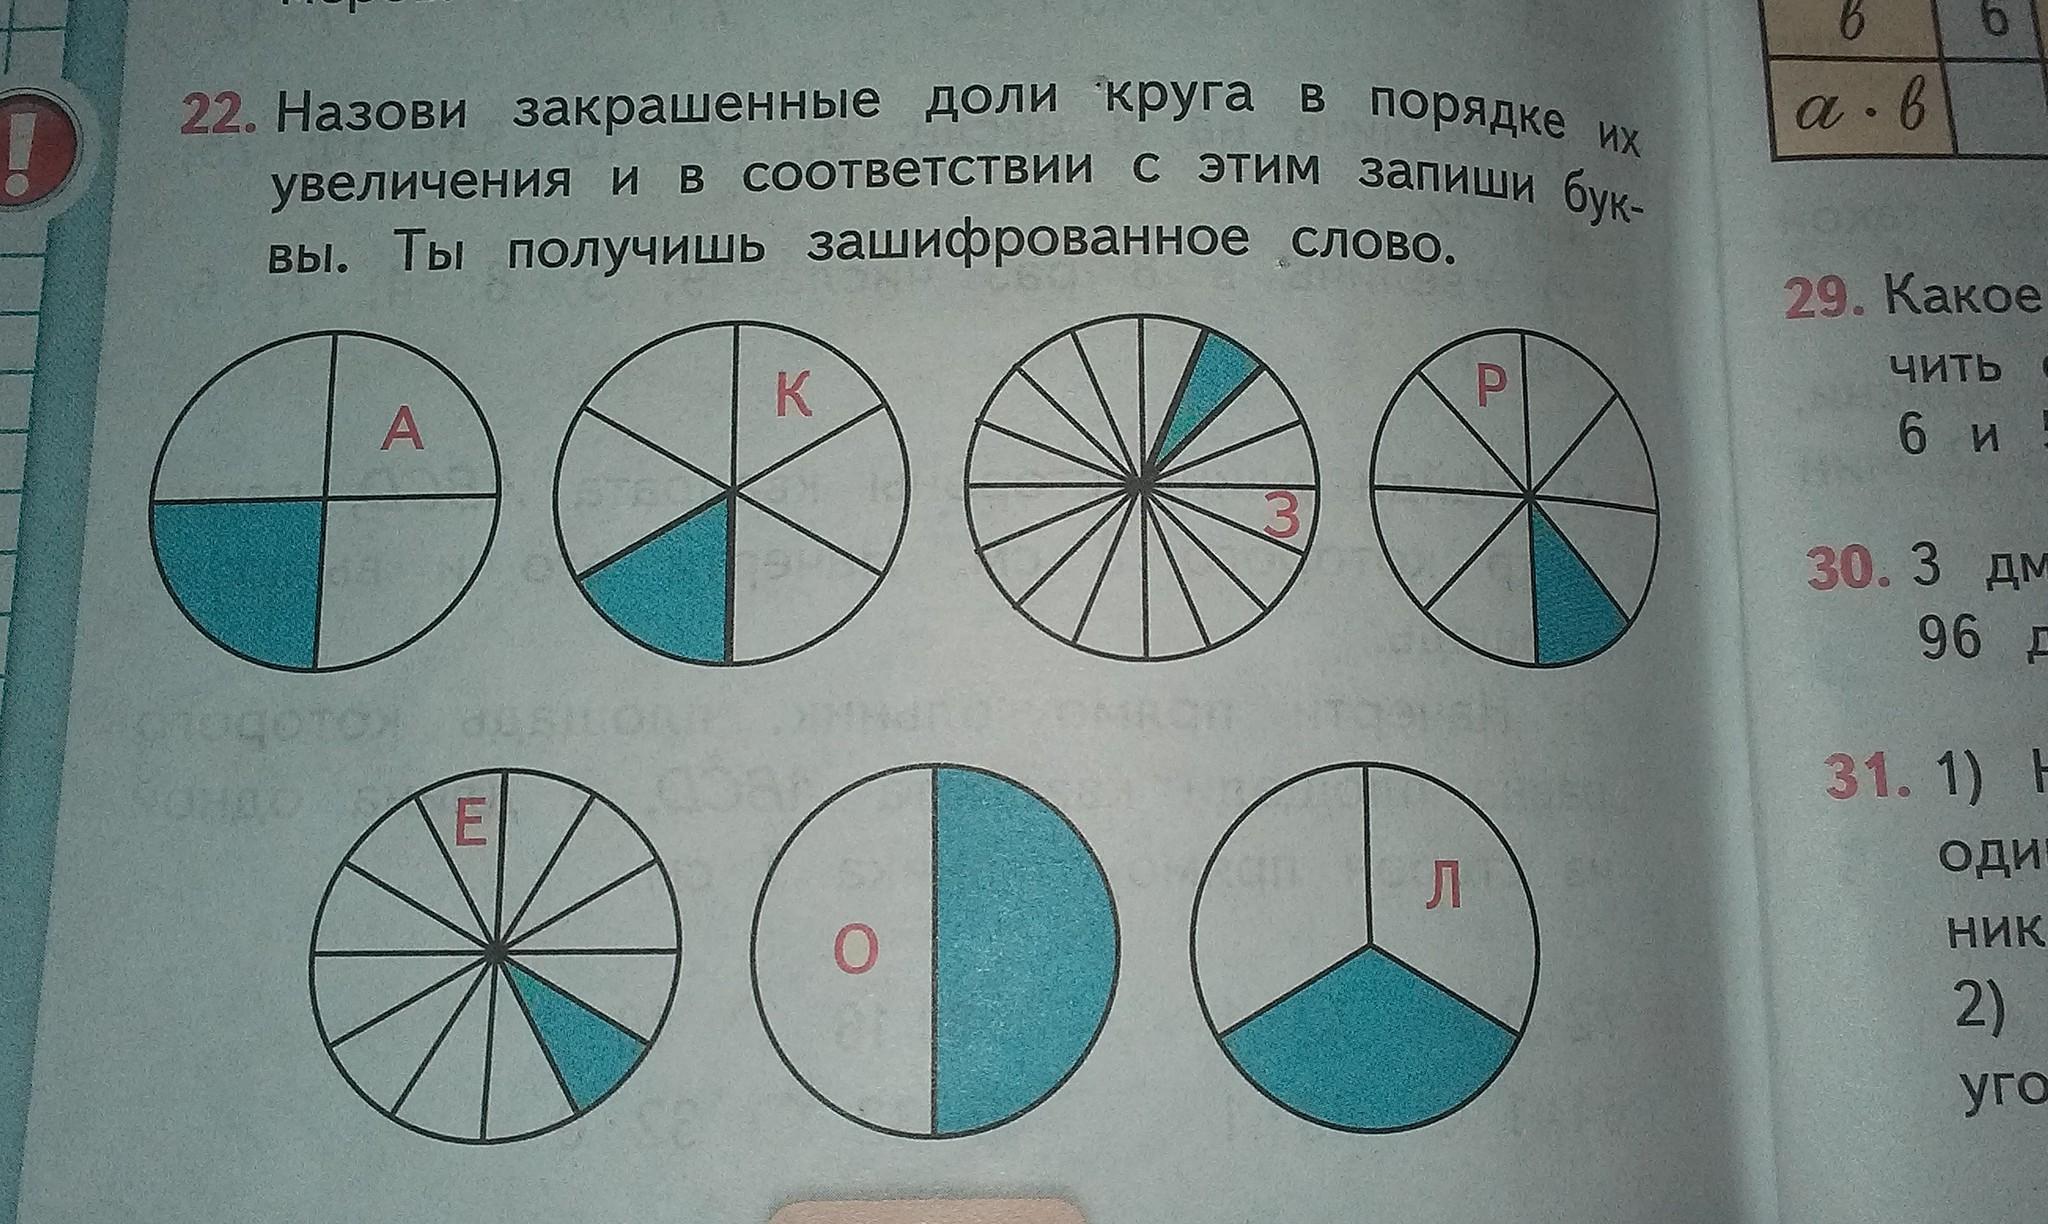 Делят его на 4 равных треугольника